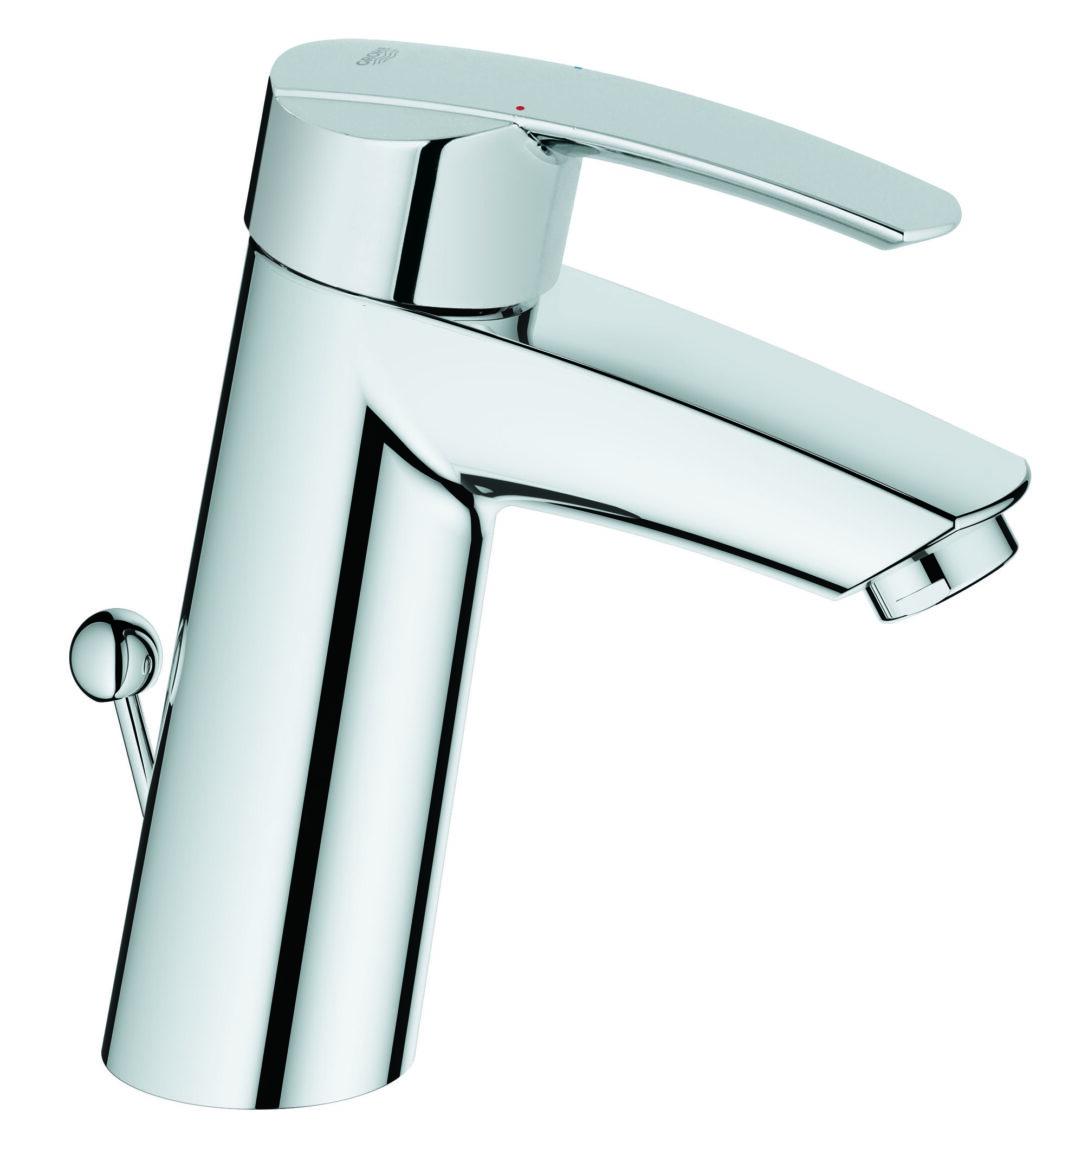 Large Size of Grohe Wasserhahn Waschtisch Einhebelmischer Start Badezimmerarmatur Thermostat Dusche Küche Wandanschluss Bad Für Wohnzimmer Grohe Wasserhahn